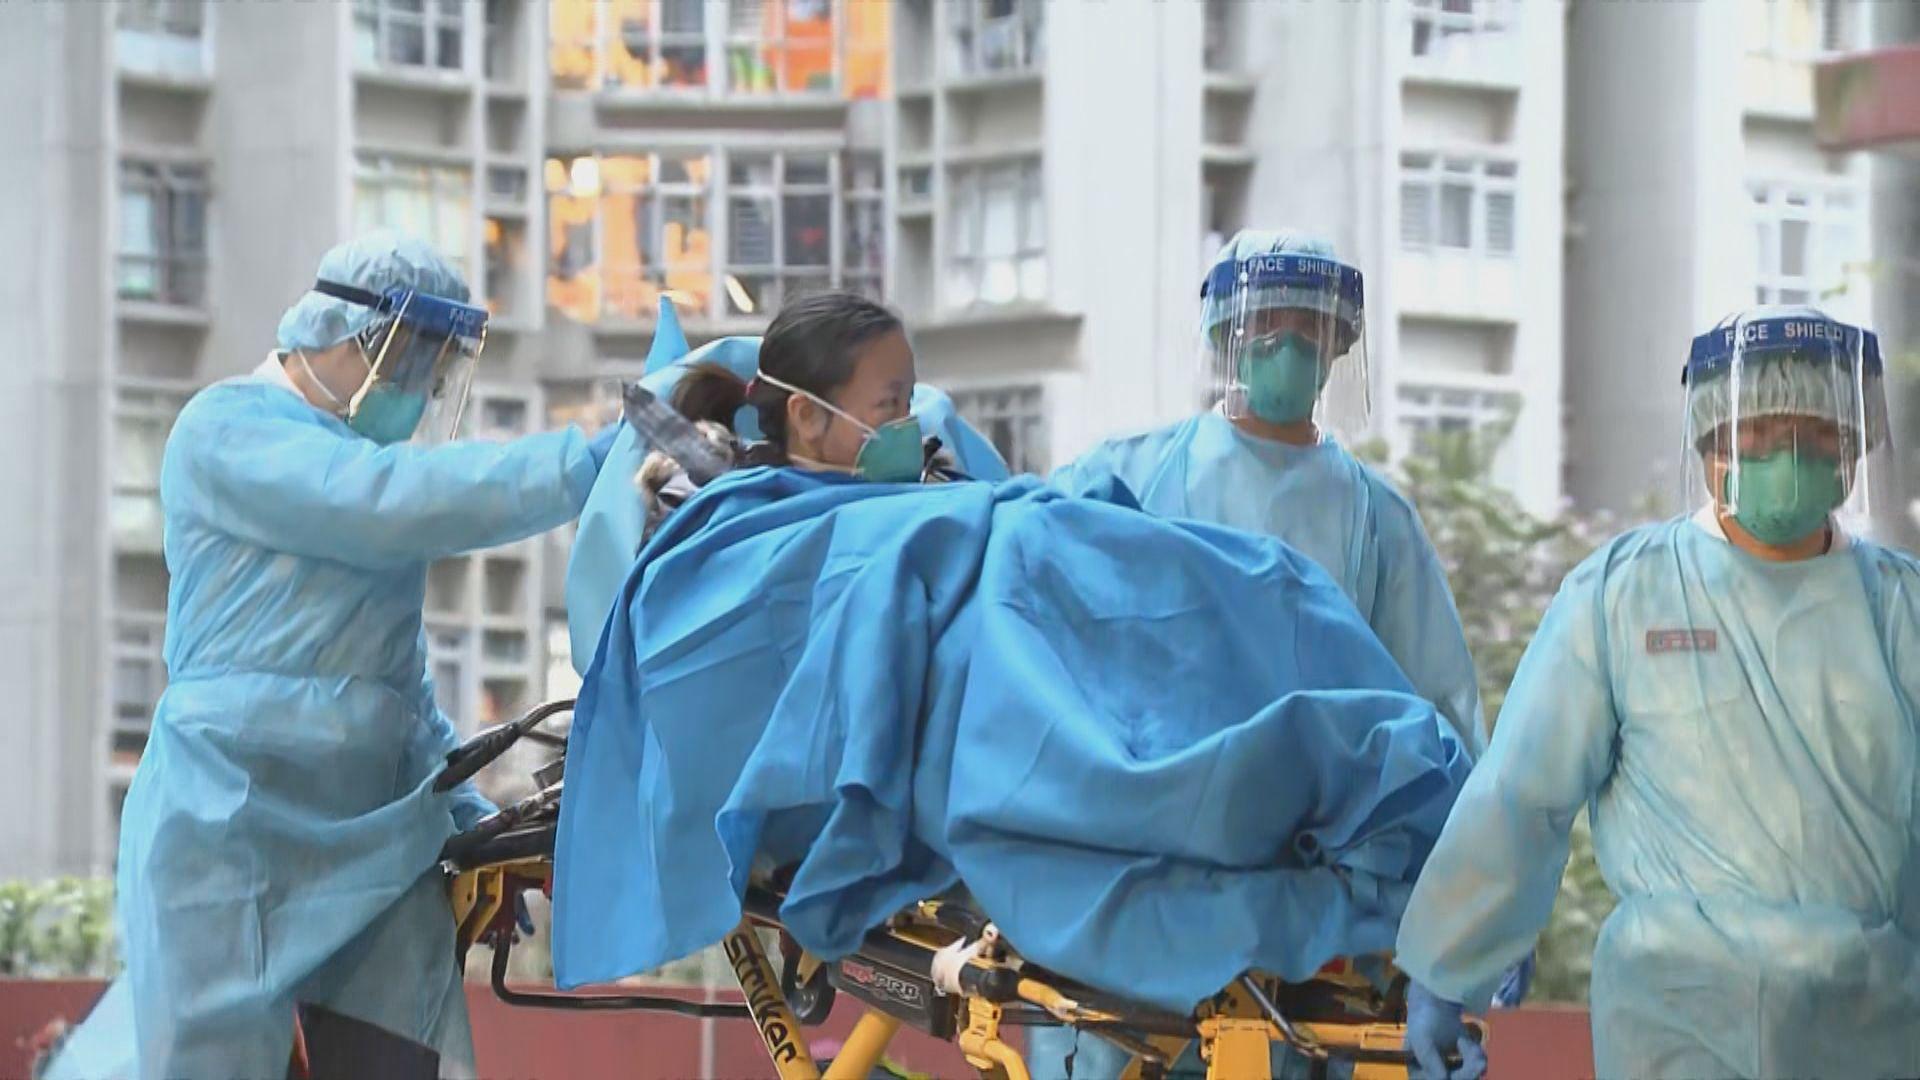 三宗新增確診患者分別居於藍田及青衣